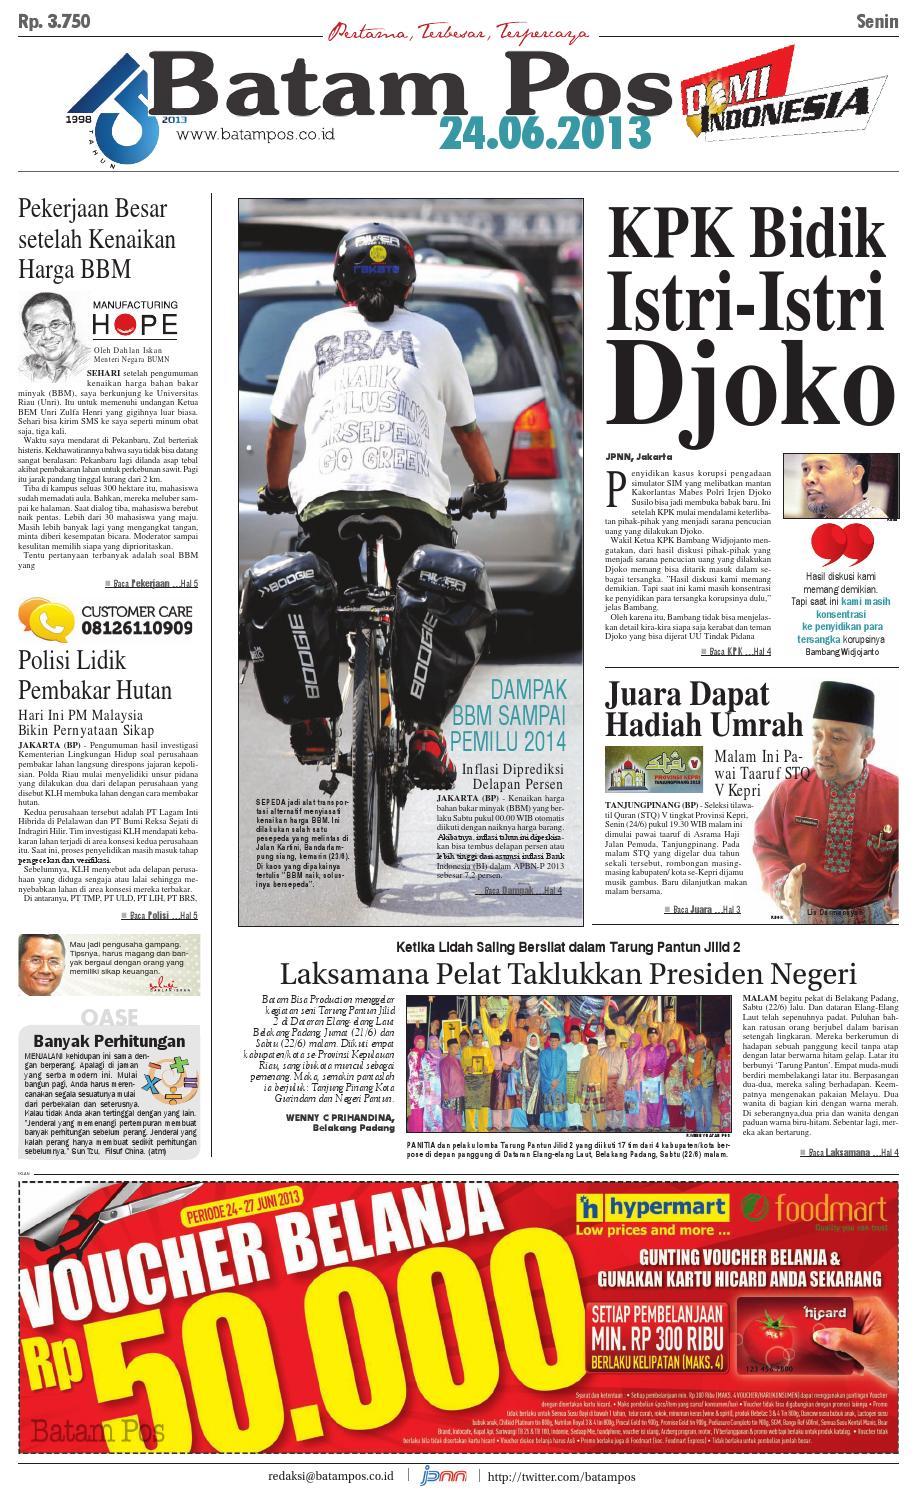 24 Juni 2013 By Batampos Newspaper Issuu Edie Pink Top Leux Studio Merah Muda M